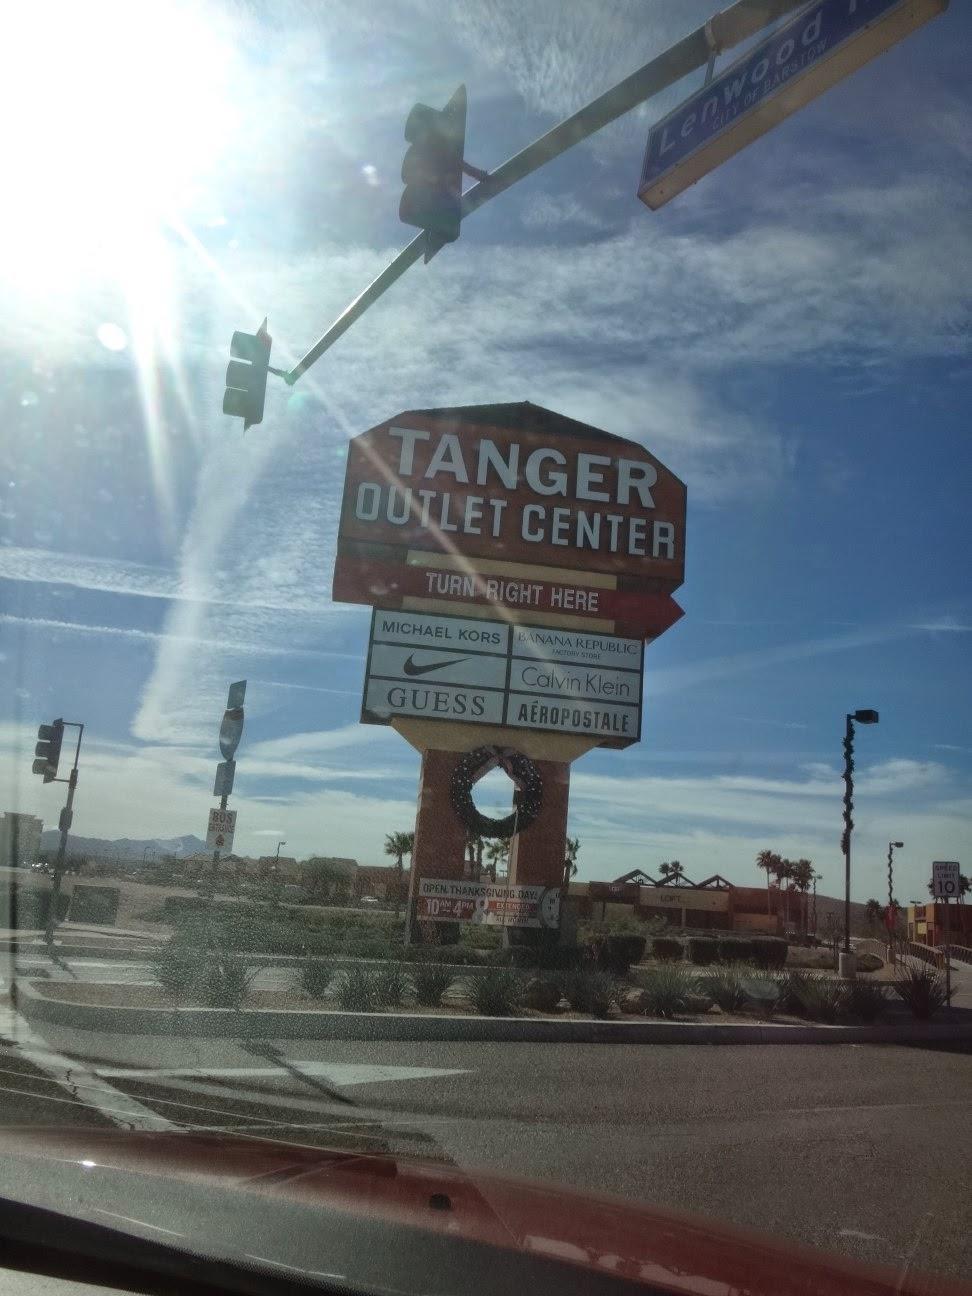 target outlet center